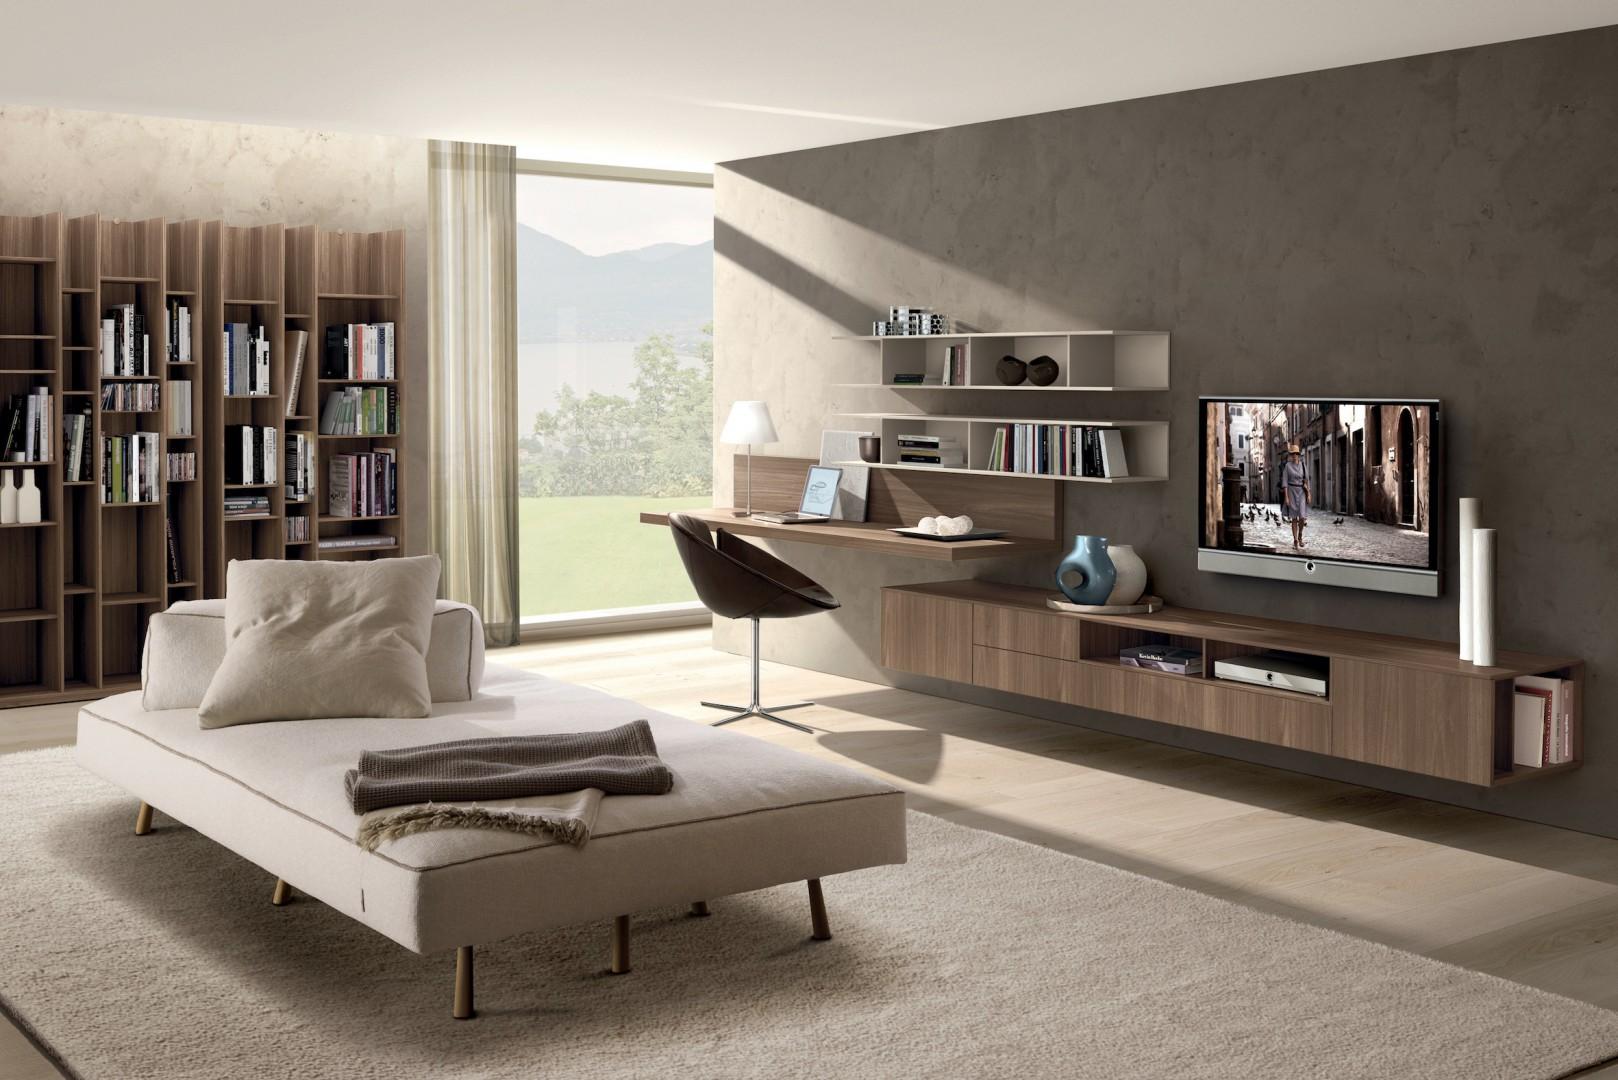 W tej wiszącej kolekcji znalazło się miejsce zarówno na telewizor, jak i na biurko, półki z książkami oraz podręczną szafkę. Fot. Zalf